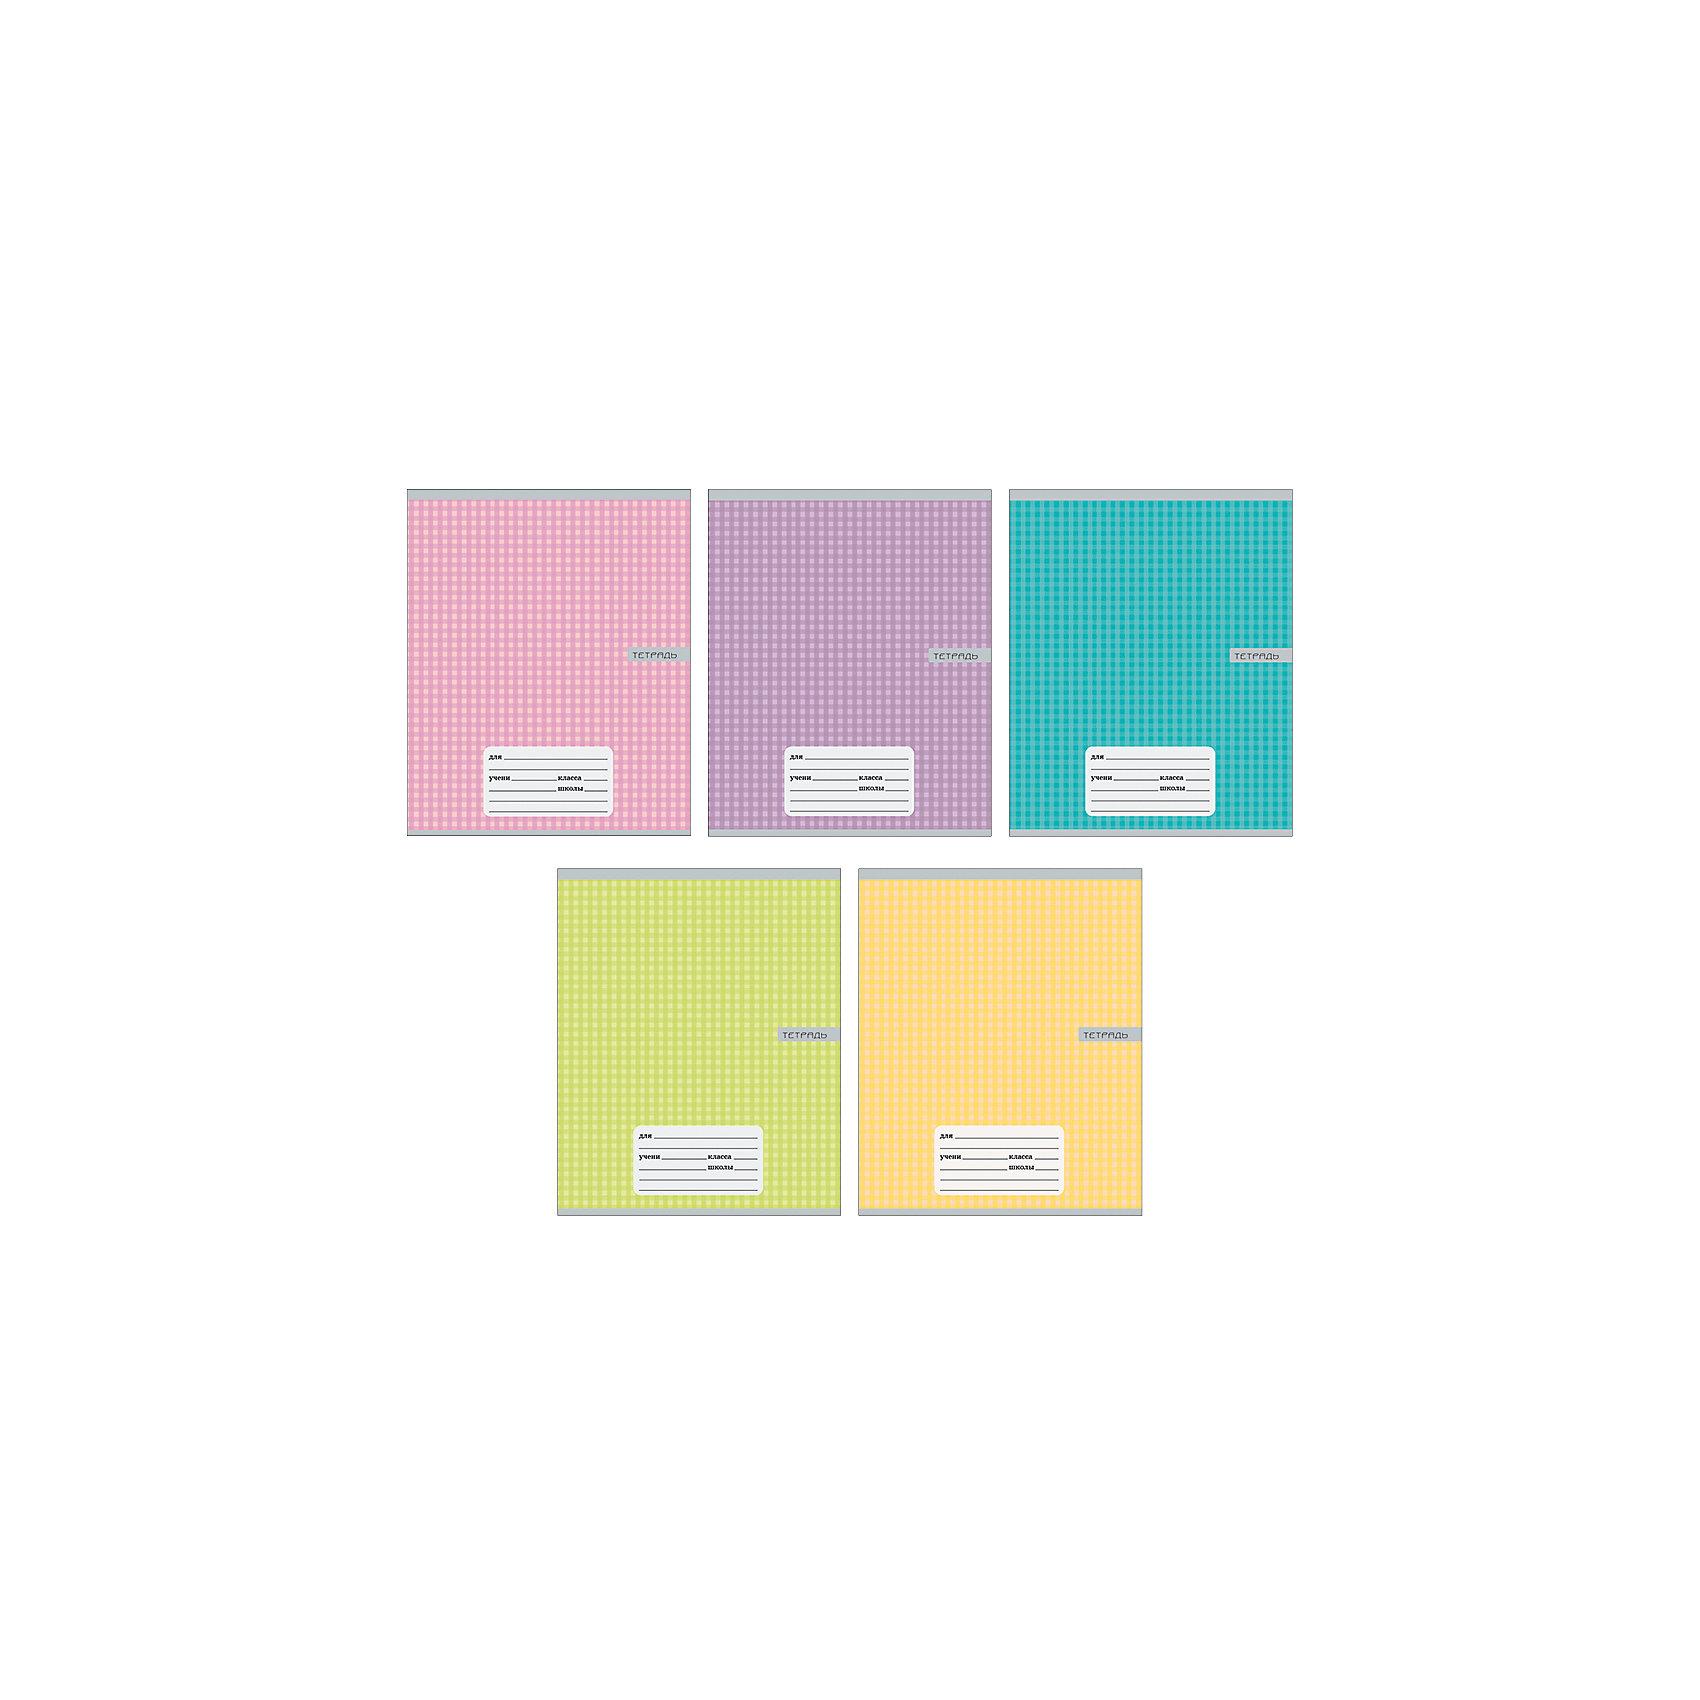 Комплект тетрадей Однотонная клетка (10 шт), 24 листа, Канц-ЭксмоБумажная продукция<br>Характеристики комплекта тетрадей Однотонная клетка:<br><br>• размеры: 20.2х16.3х3.5 см<br>• количество листов: 24 шт.<br>• разлиновка: клетка<br>• формат: А 5 <br>• комплектация: тетрадь<br>• бумага: офсет, плотностью 60 г/м2.<br>• Бренд: Канц-Эксмо<br>• страна бренда: Россия<br>• страна производителя: Россия<br><br>Комплект тетрадей Однотонная клетка от производителя Канц-Эксмо выполнен в формате А5. Количество листов 24, тетради в клетку с полями. Крепление: скрепка. Обложка у изделий плотная - мелованный картон. Тетради будут незамимы помощниками в школе. <br><br>Комплект тетрадей Однотонная клетка торговой марки Канц-Эксмо можно купить в нашем интернет-магазине.<br><br>Ширина мм: 202<br>Глубина мм: 163<br>Высота мм: 20<br>Вес г: 67<br>Возраст от месяцев: 72<br>Возраст до месяцев: 2147483647<br>Пол: Унисекс<br>Возраст: Детский<br>SKU: 5448397